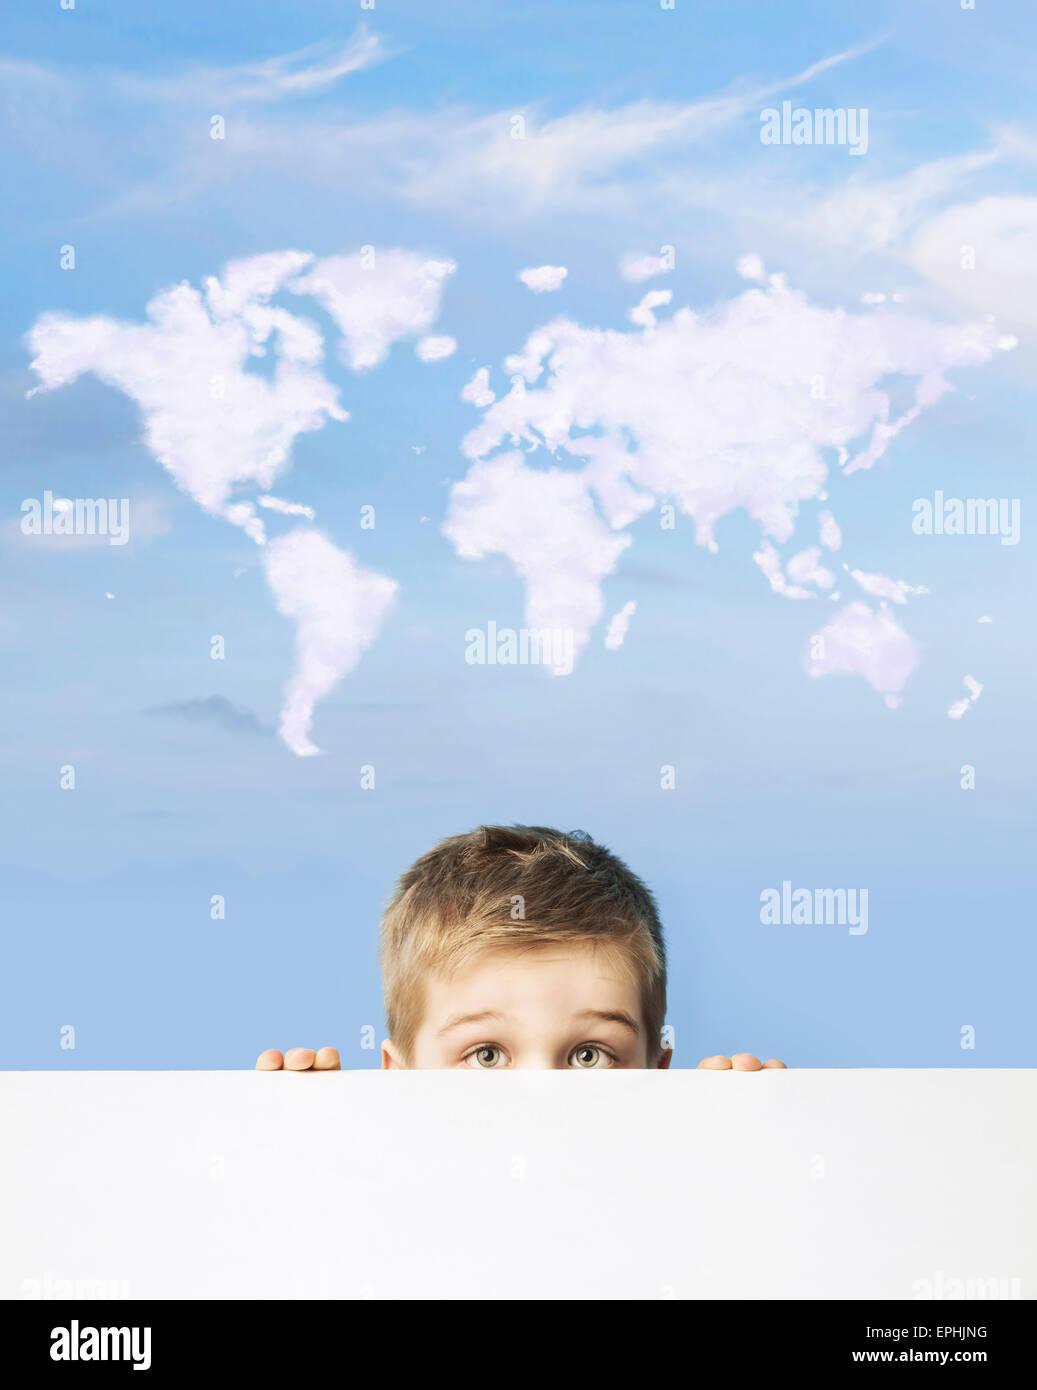 Portrait d'un enfant avec la carte du monde au-dessus de la tête Photo Stock